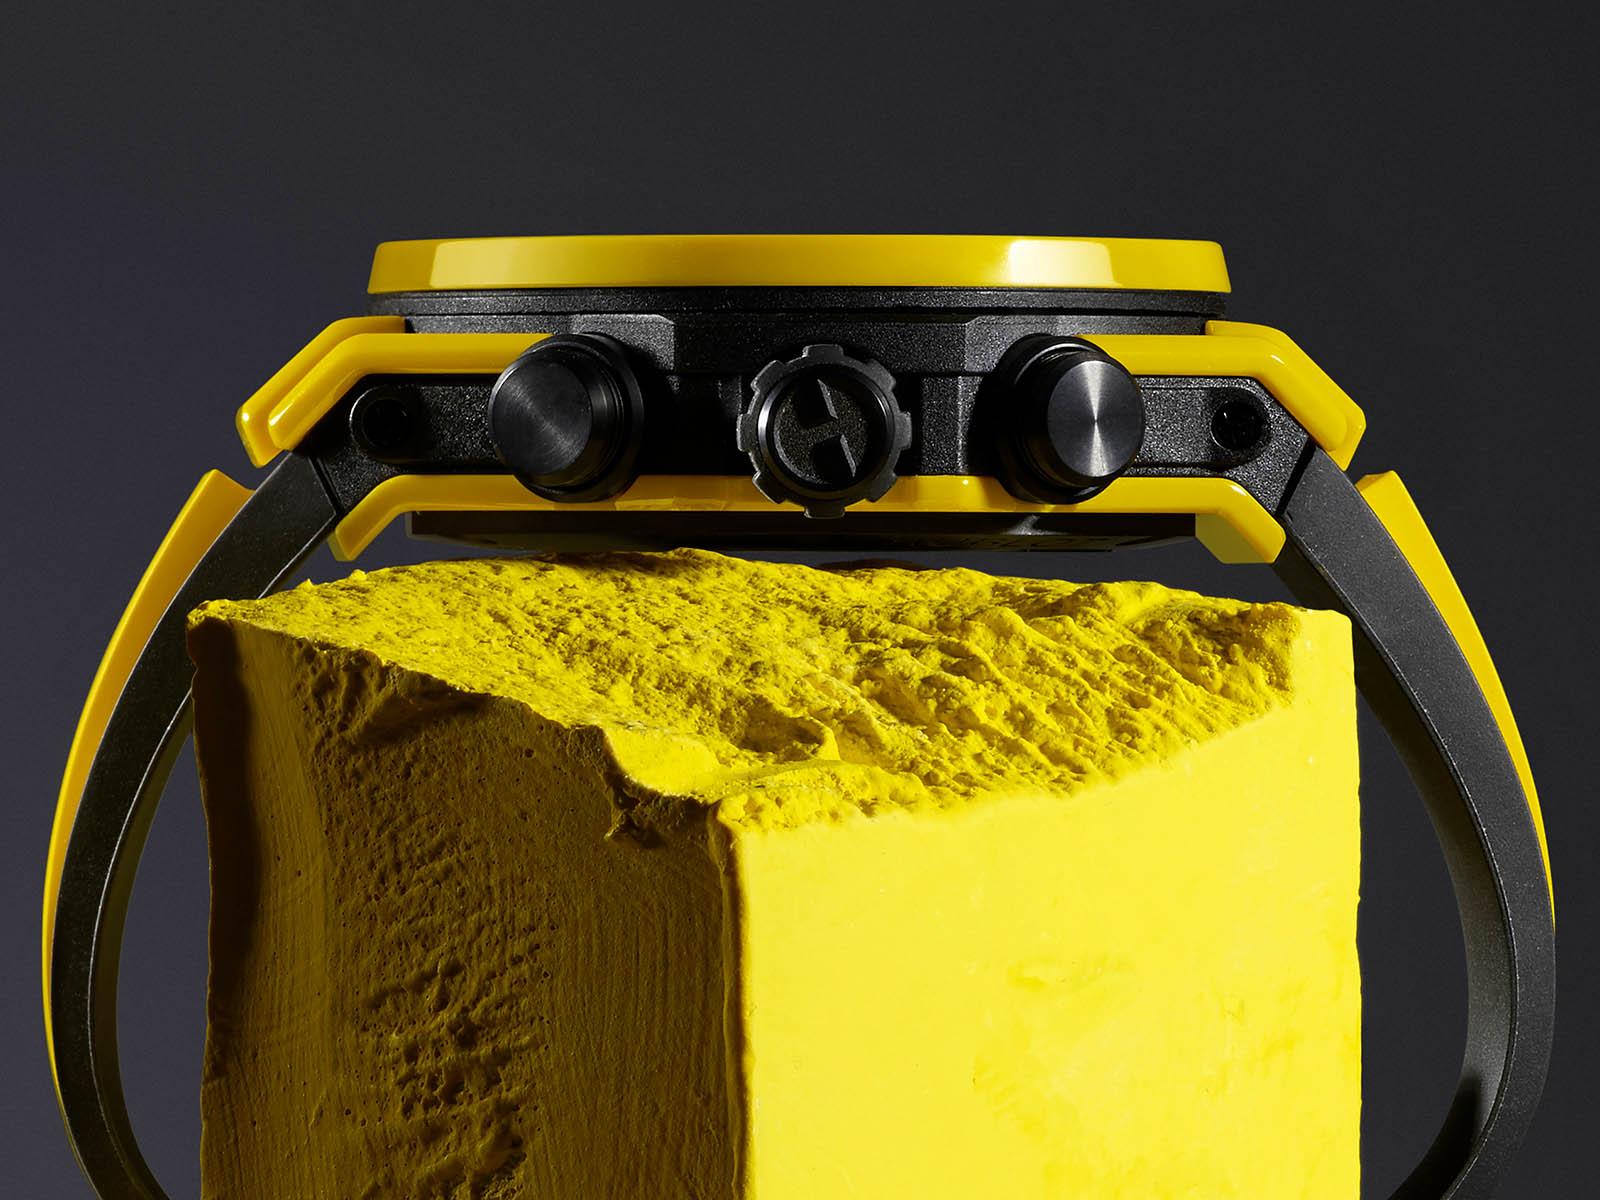 441-cy-471y-rx-hublot-big-bang-unico-yellow-magic-7.jpg